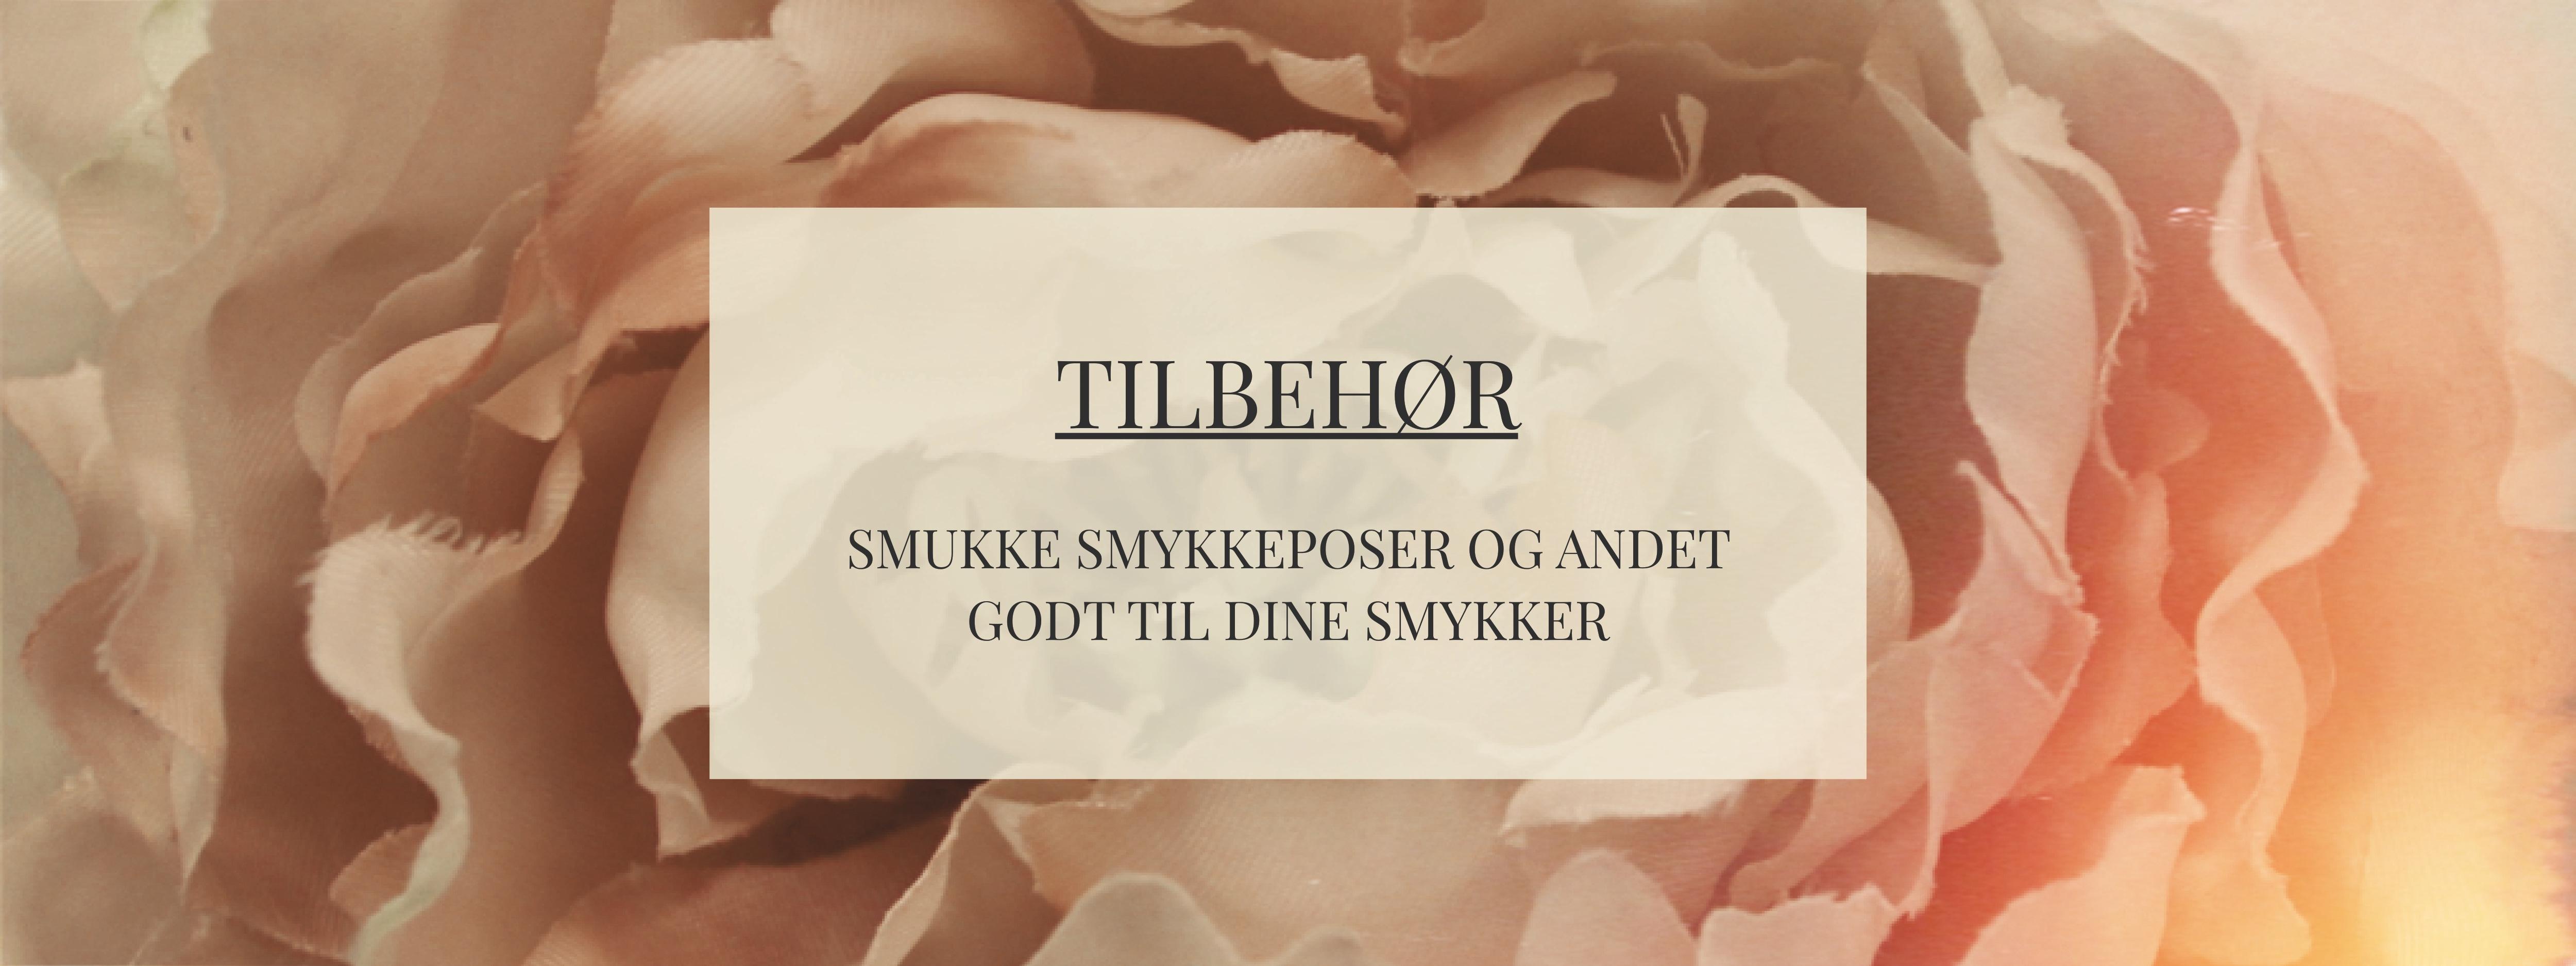 TILBEHØR -SMYKKEPOSER OG ANDET GODT TIL DINE SMYKKER -FOTO